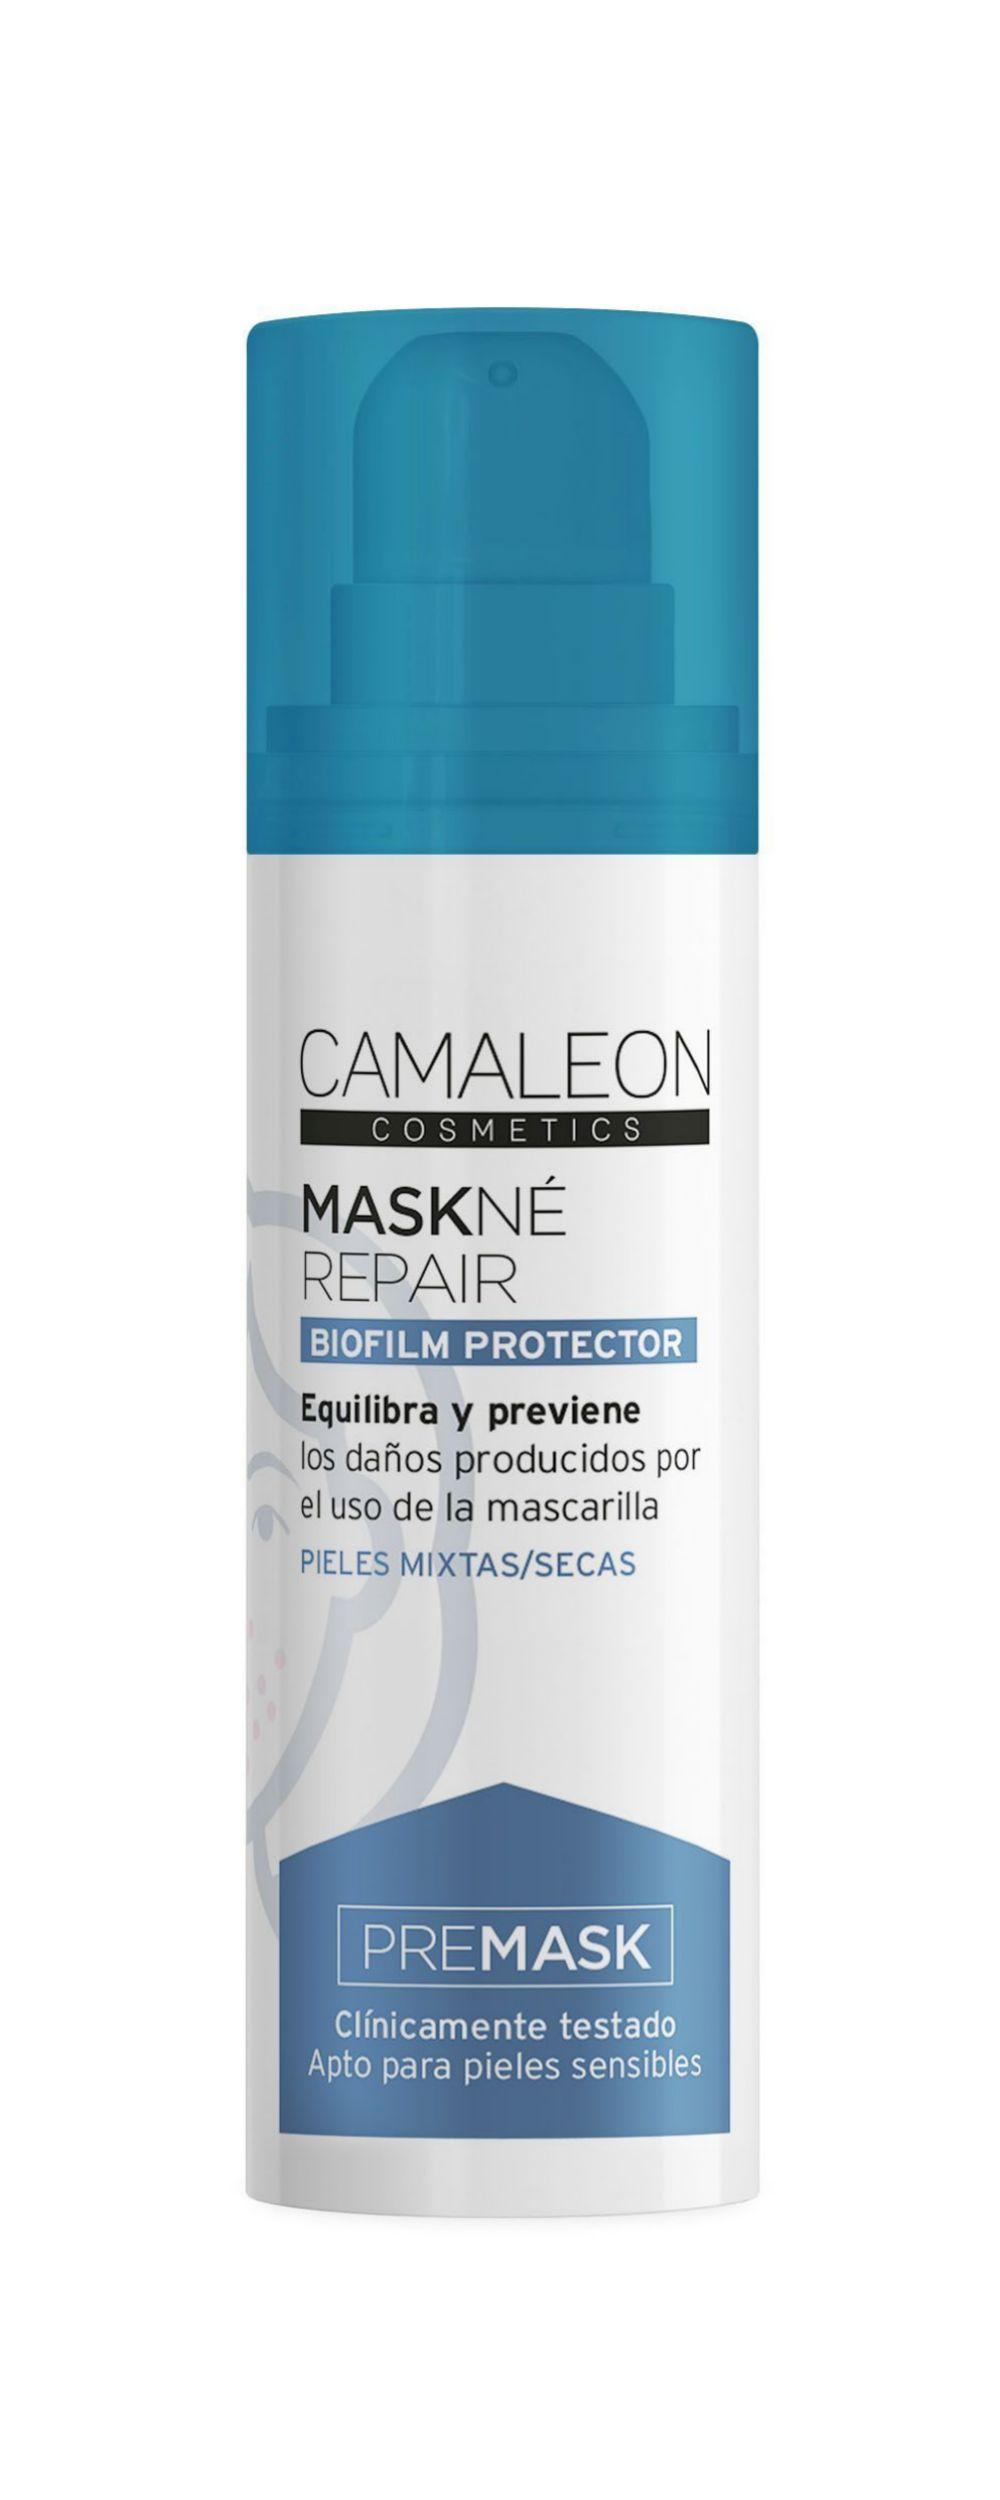 Premask Maskné Repair, Camaleón (12,50 euros), se aplica antes de poner la mascarilla, crea una película protectora contra las rozaduras.